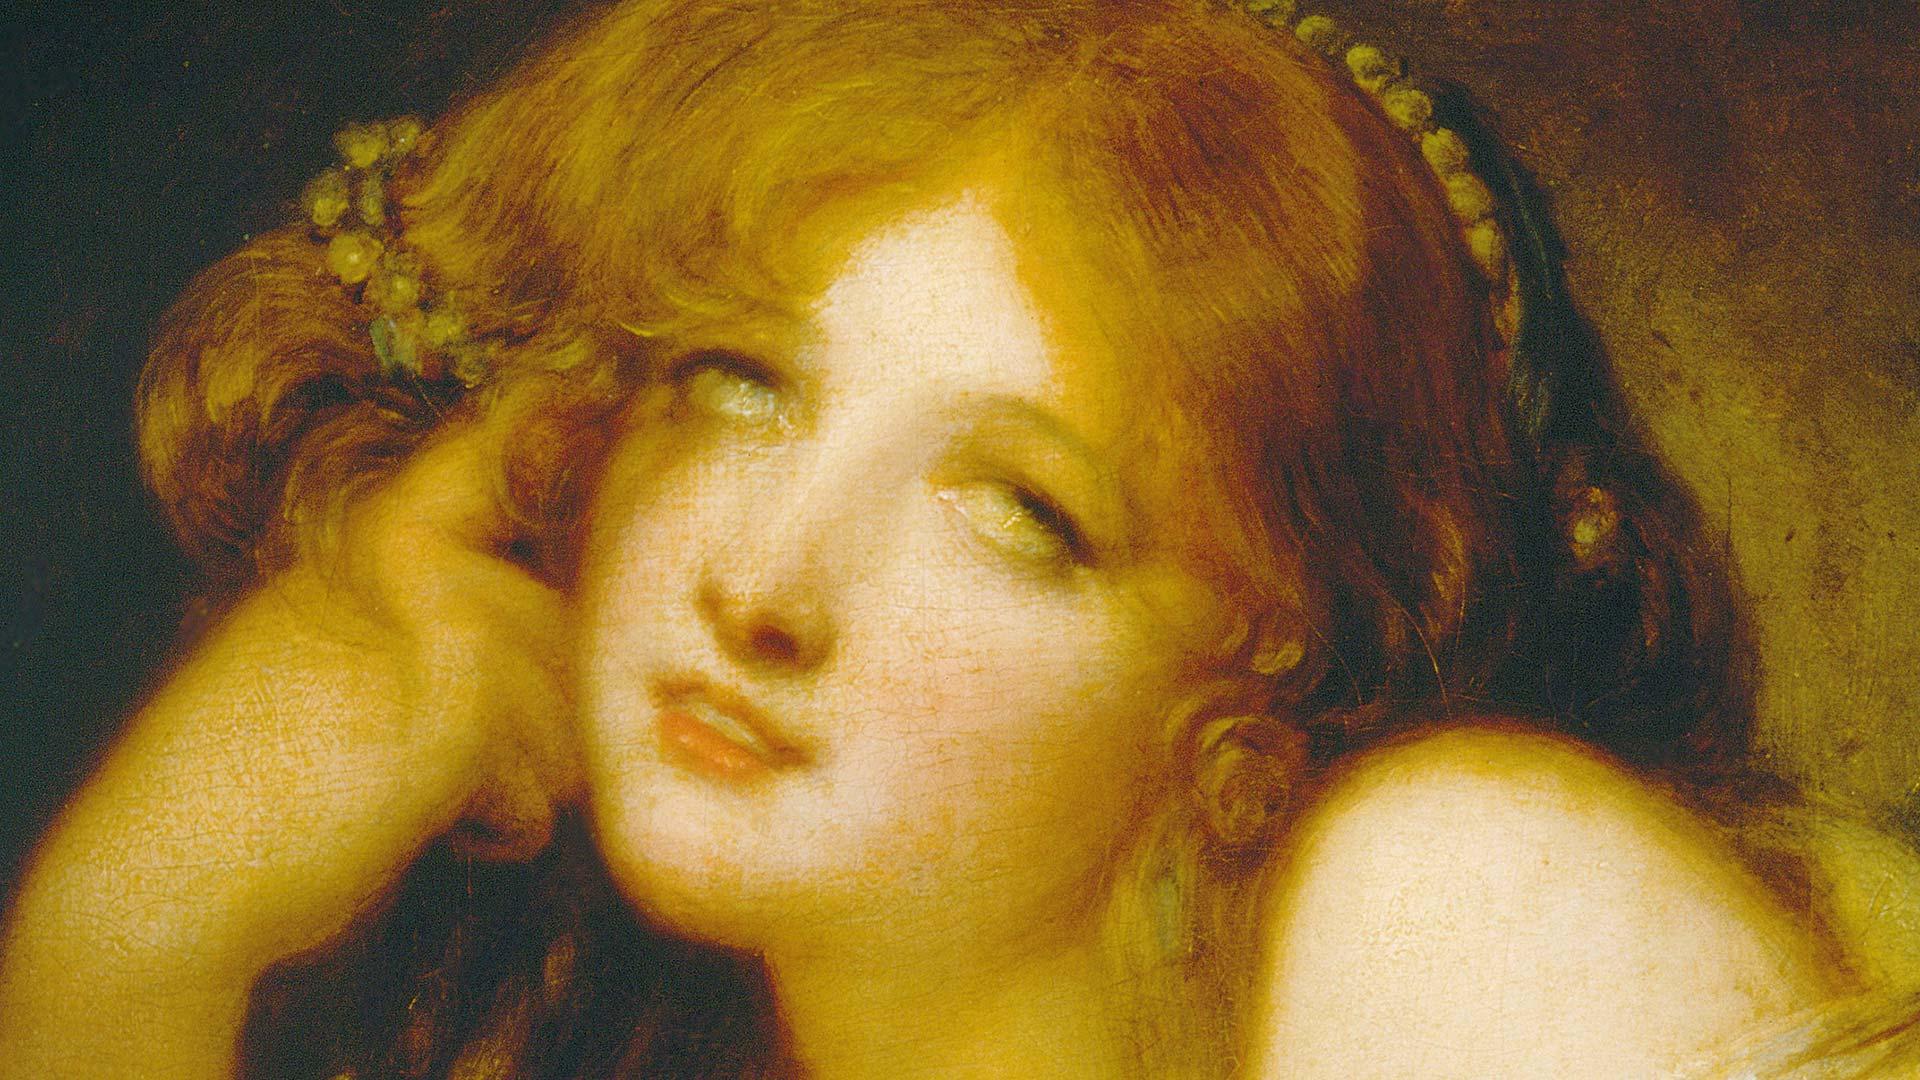 O Fio de Ariadne